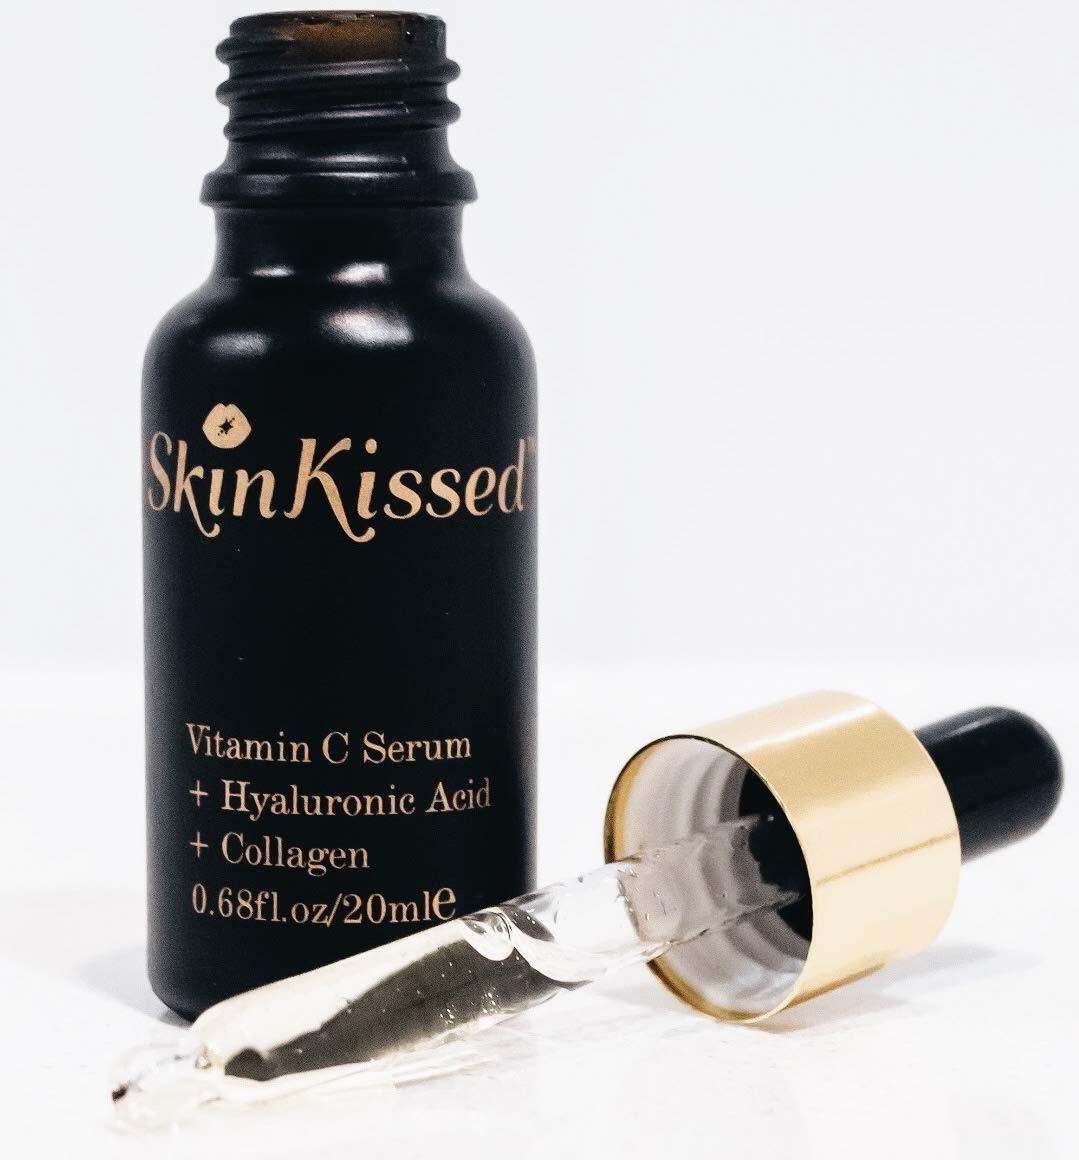 Vitamina C siero–acido ialuronico collagene–Primer per trucco–aiuta a rimuovere l' acne, rughe e imperfezioni–Best anti invecchiamento della pelle e del viso per le donne skinkissed